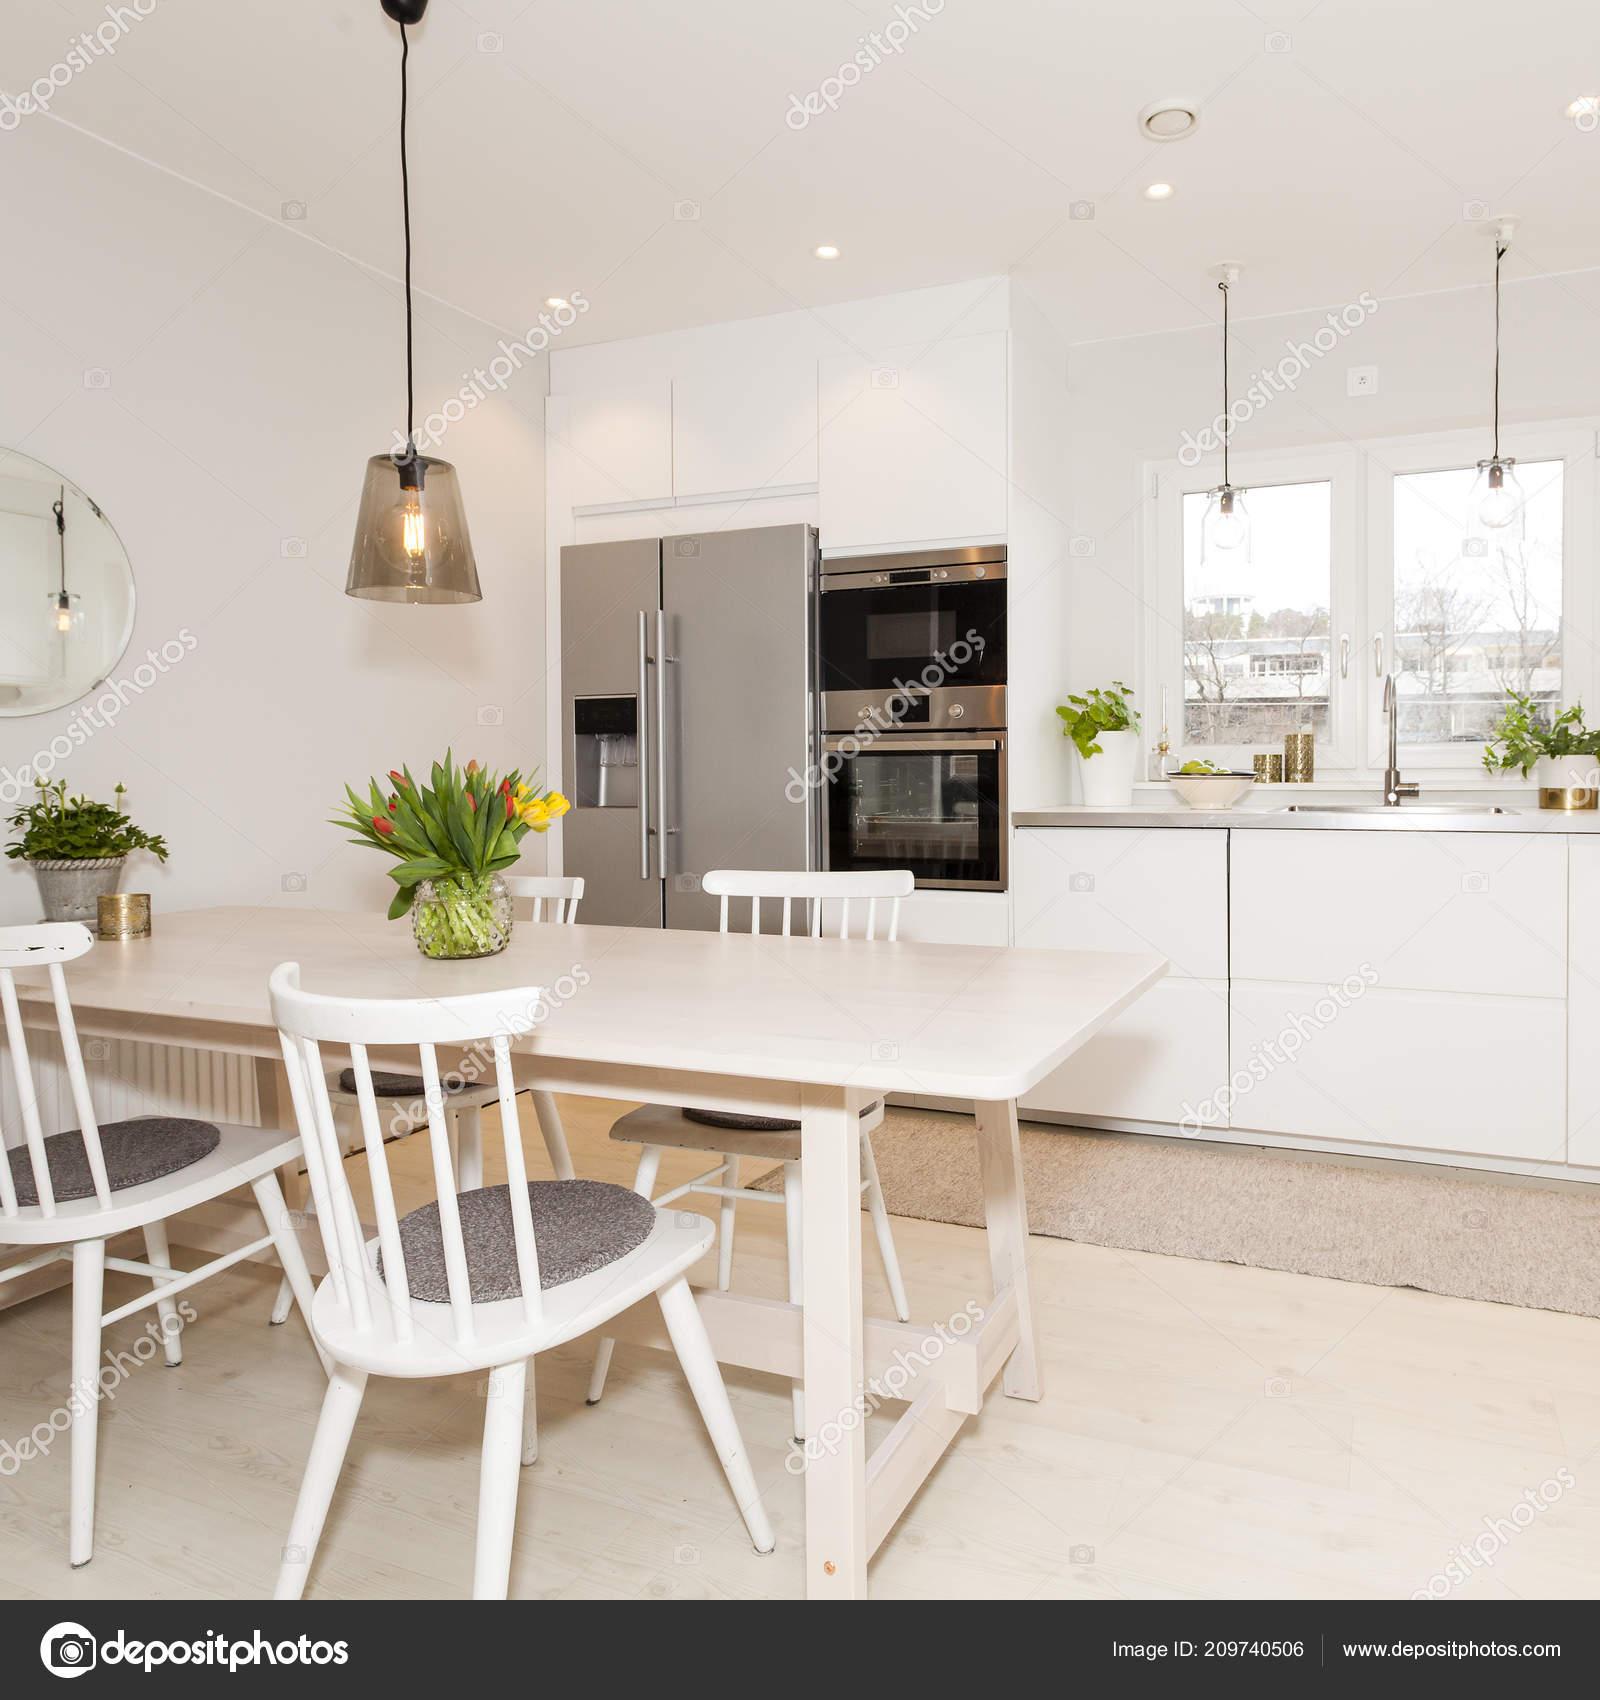 Ausgefallene Küche Interieur Mit Küche Tisch Und Stühlen — Stockfoto ...